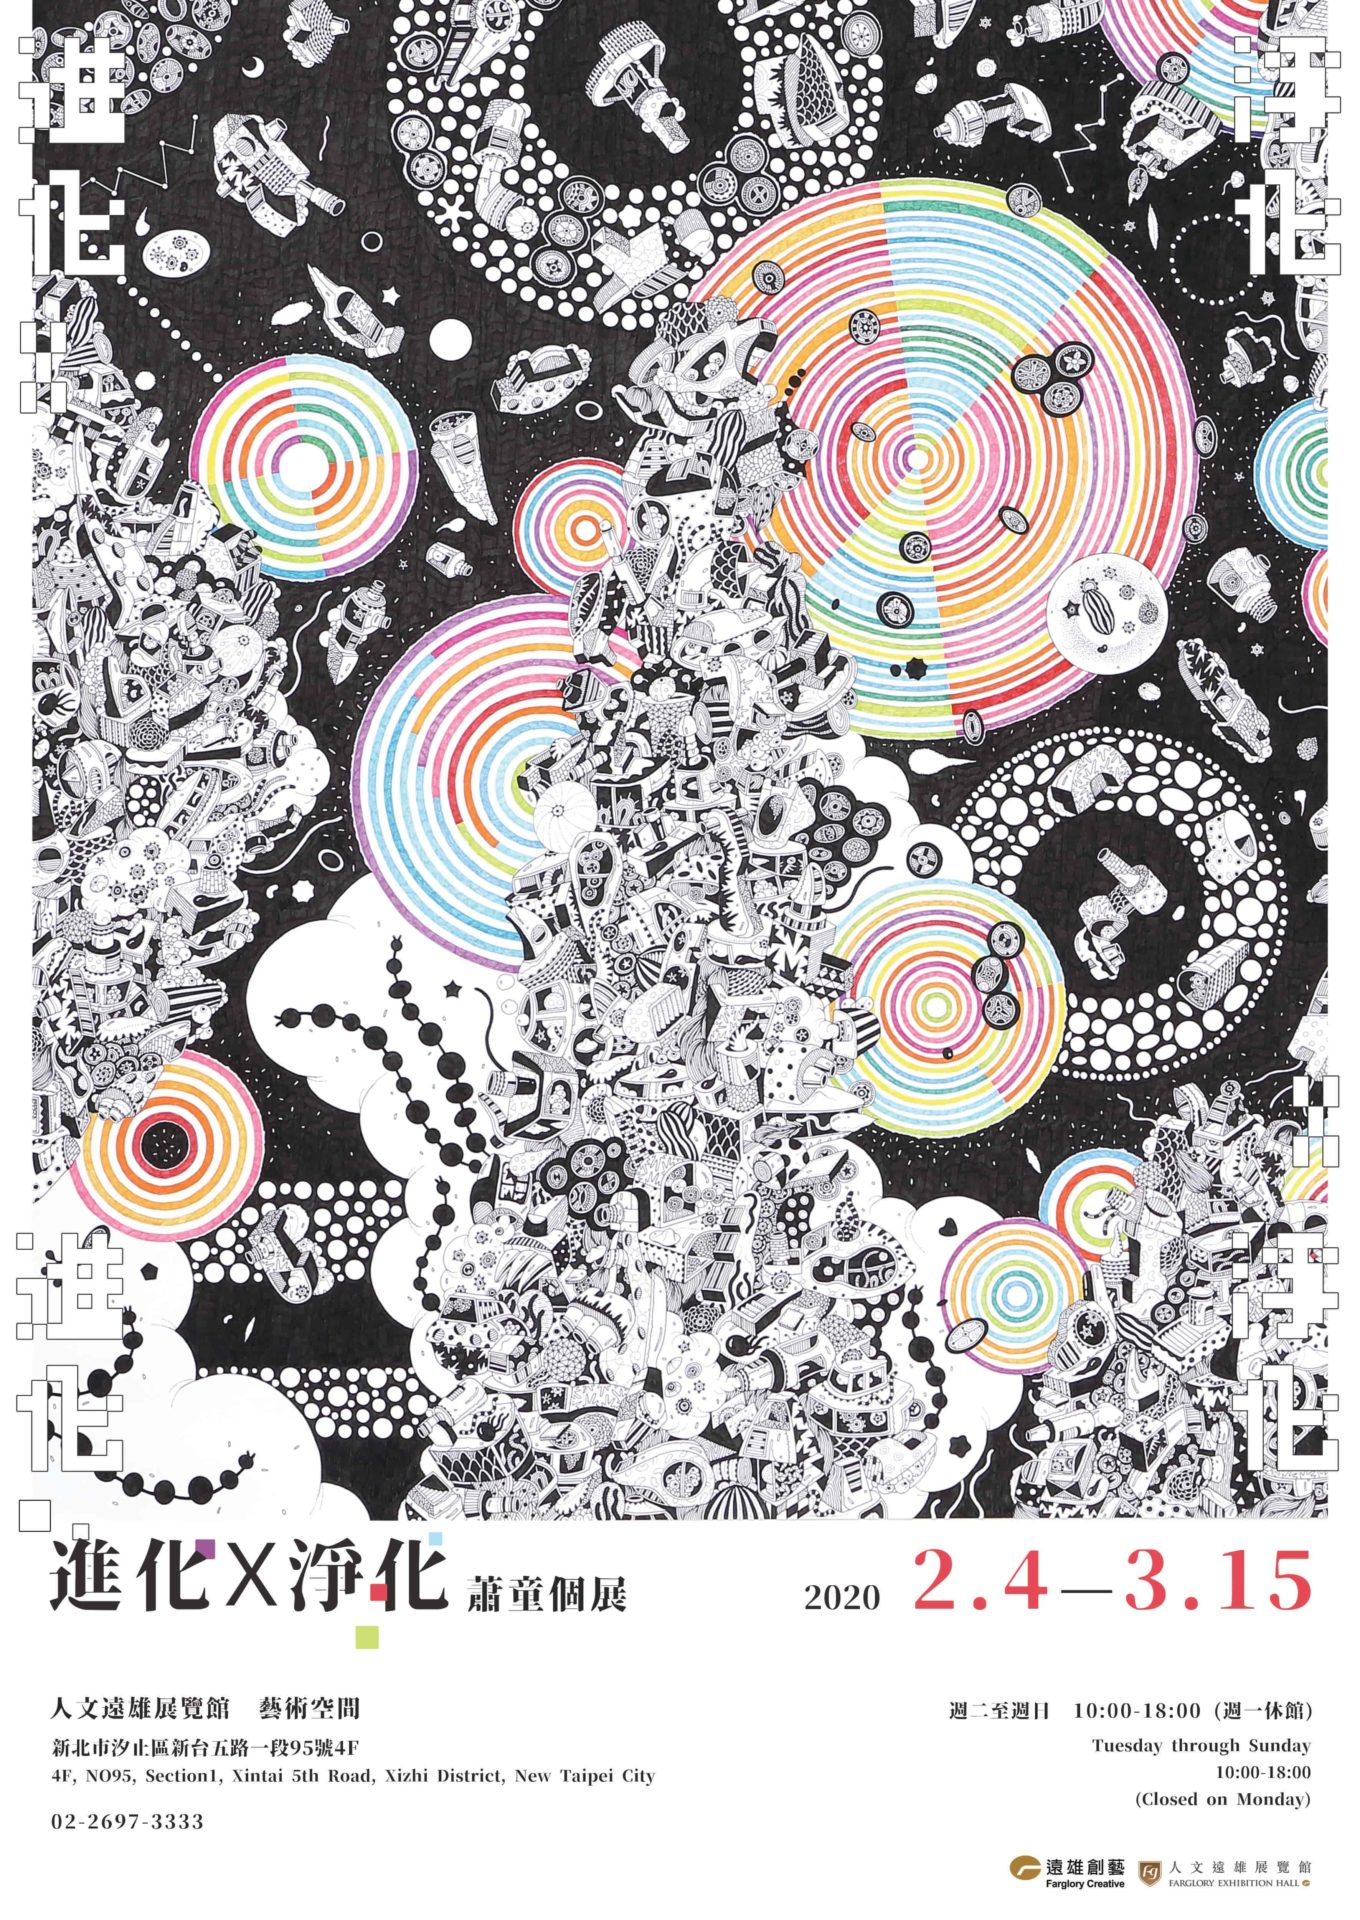 人文遠雄展覽館:2020/02/04-2020/03/15【《進化X淨化》蕭童個展】